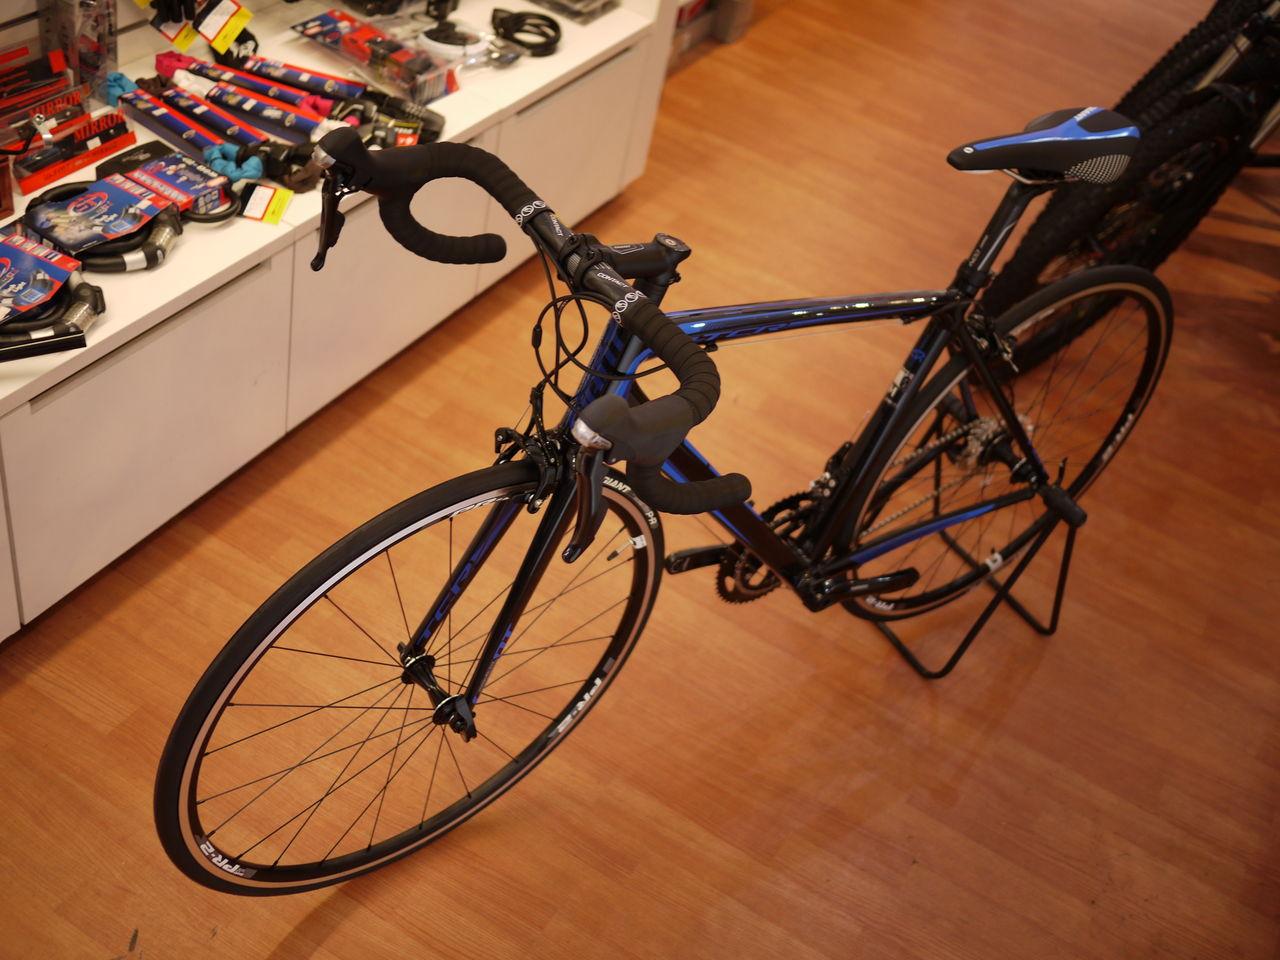 自転車店 平塚 自転車店 : SBC厚木店 NEWS&試乗情報 : GIANT ...